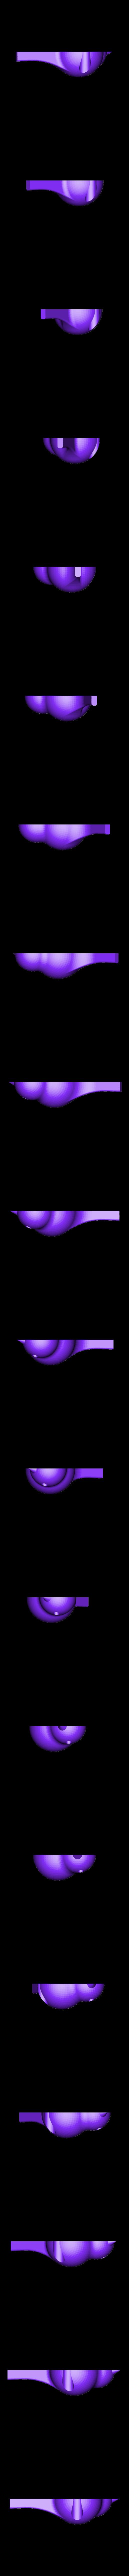 moitie_gauche_oiseau.STL Télécharger fichier STL gratuit La maison de l'oiseau en boîte de conserve par Samuel Bernier, Projet RE_ • Plan pour imprimante 3D, ximenachata